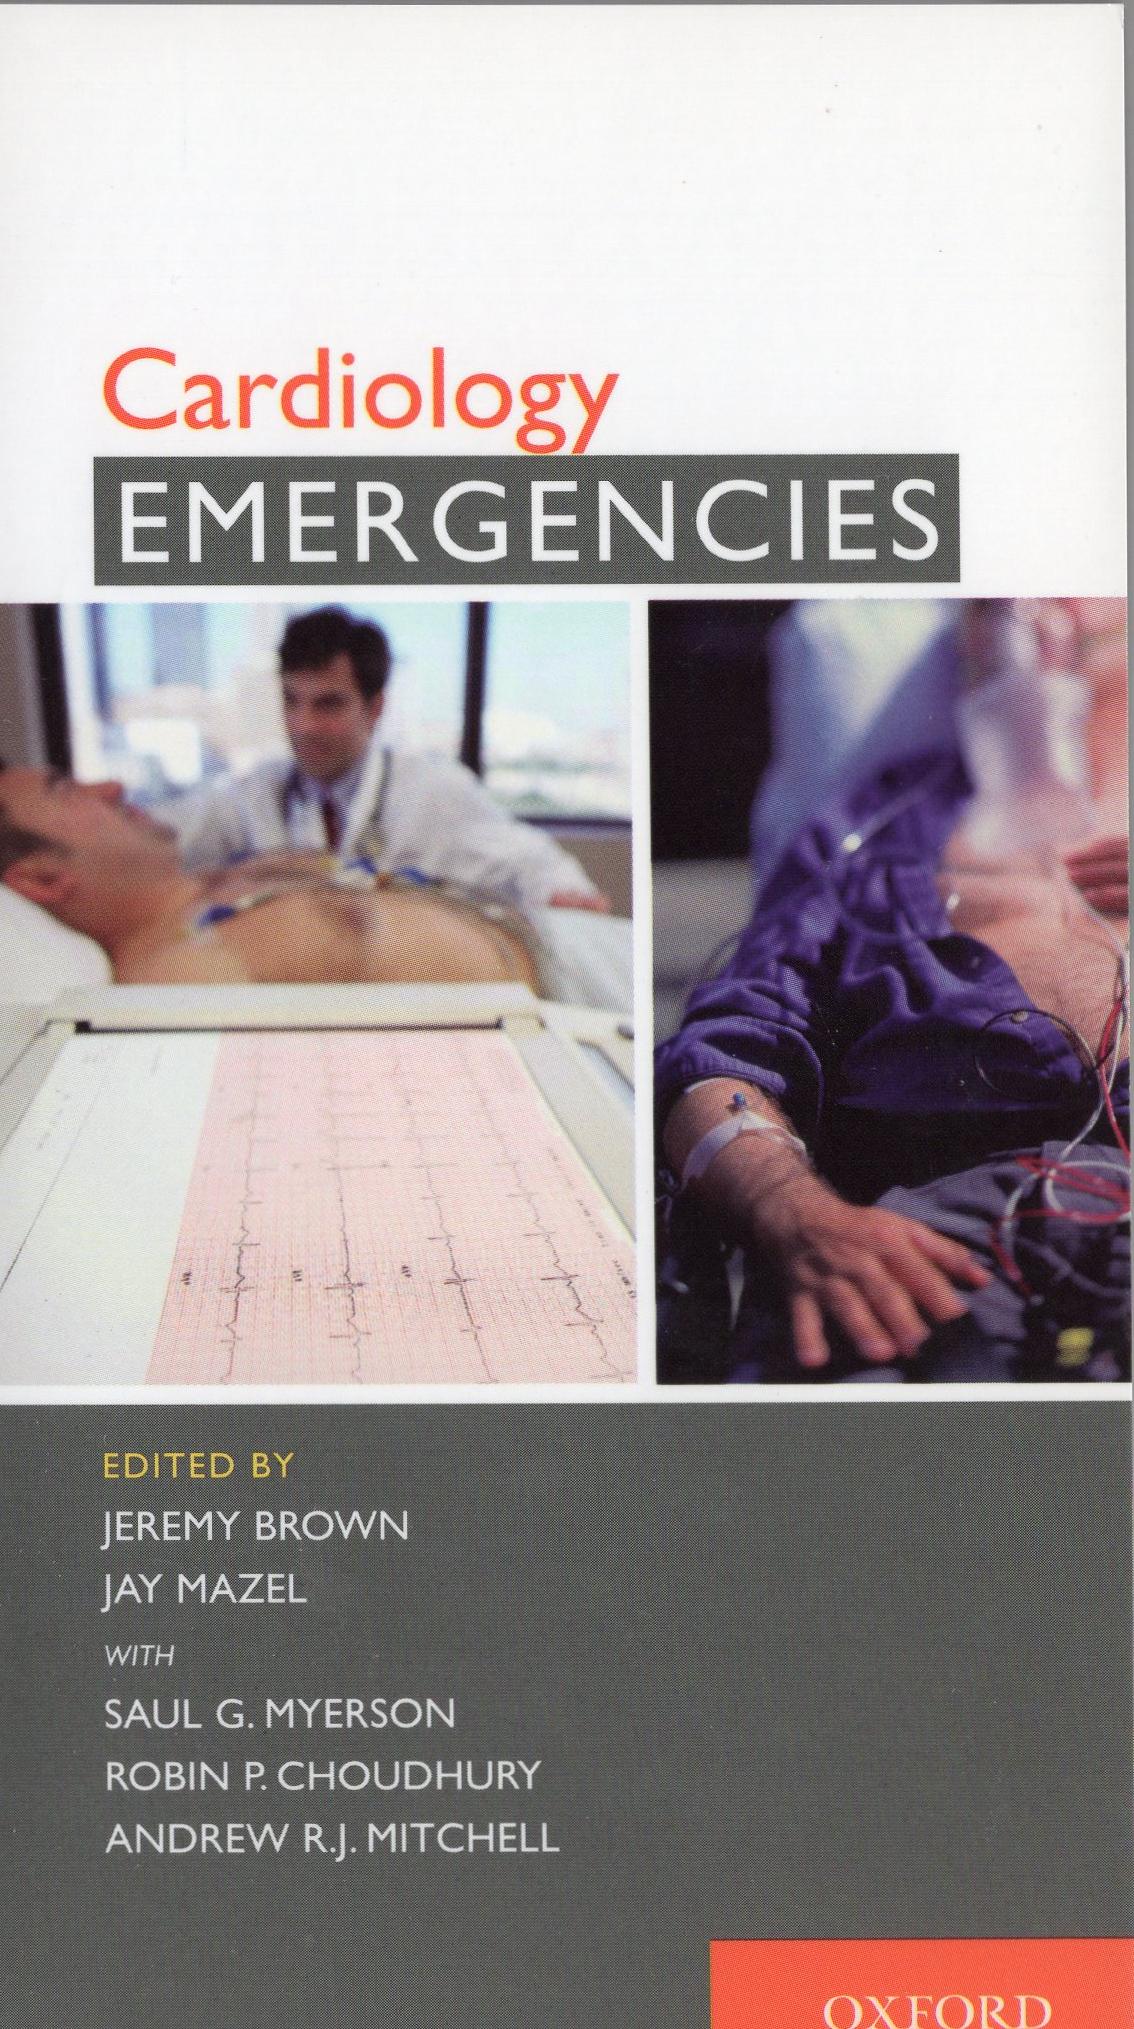 cardiology emergencies -